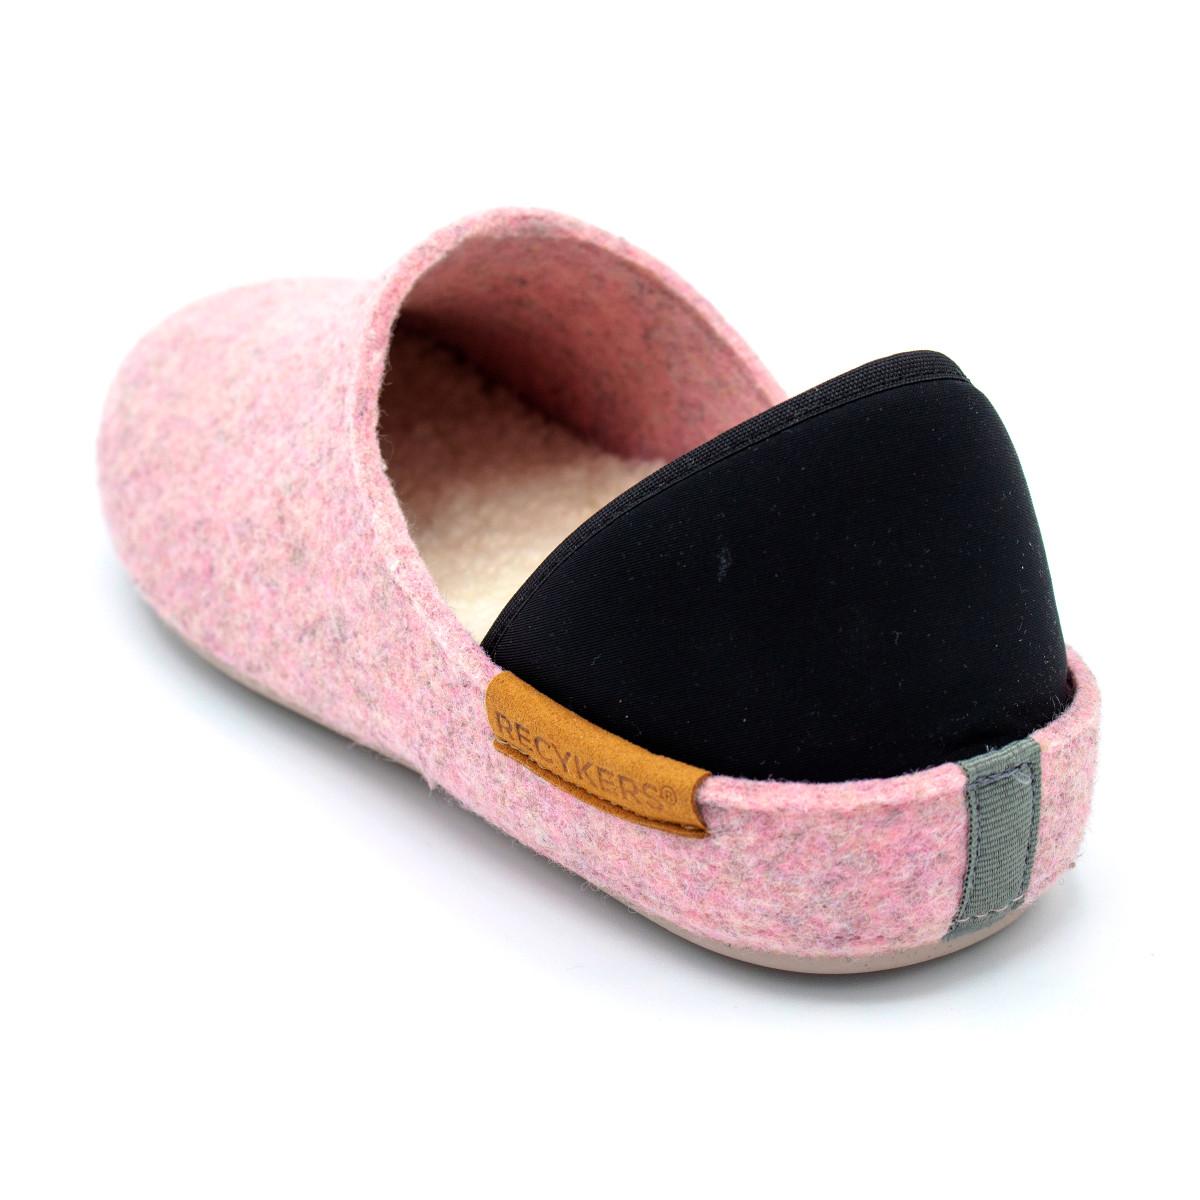 slippers-veganas-ponia-zapatillas-de-casa-recykers.jpeg